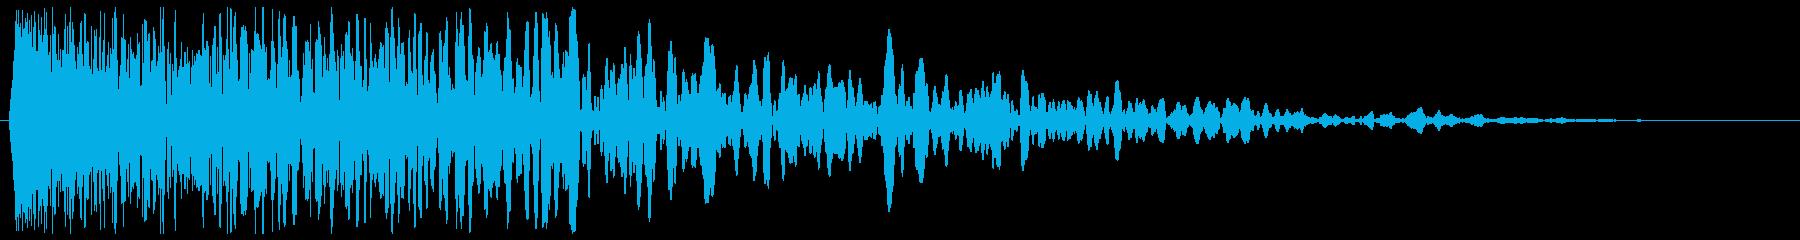 チュワーン(シューティング)の再生済みの波形